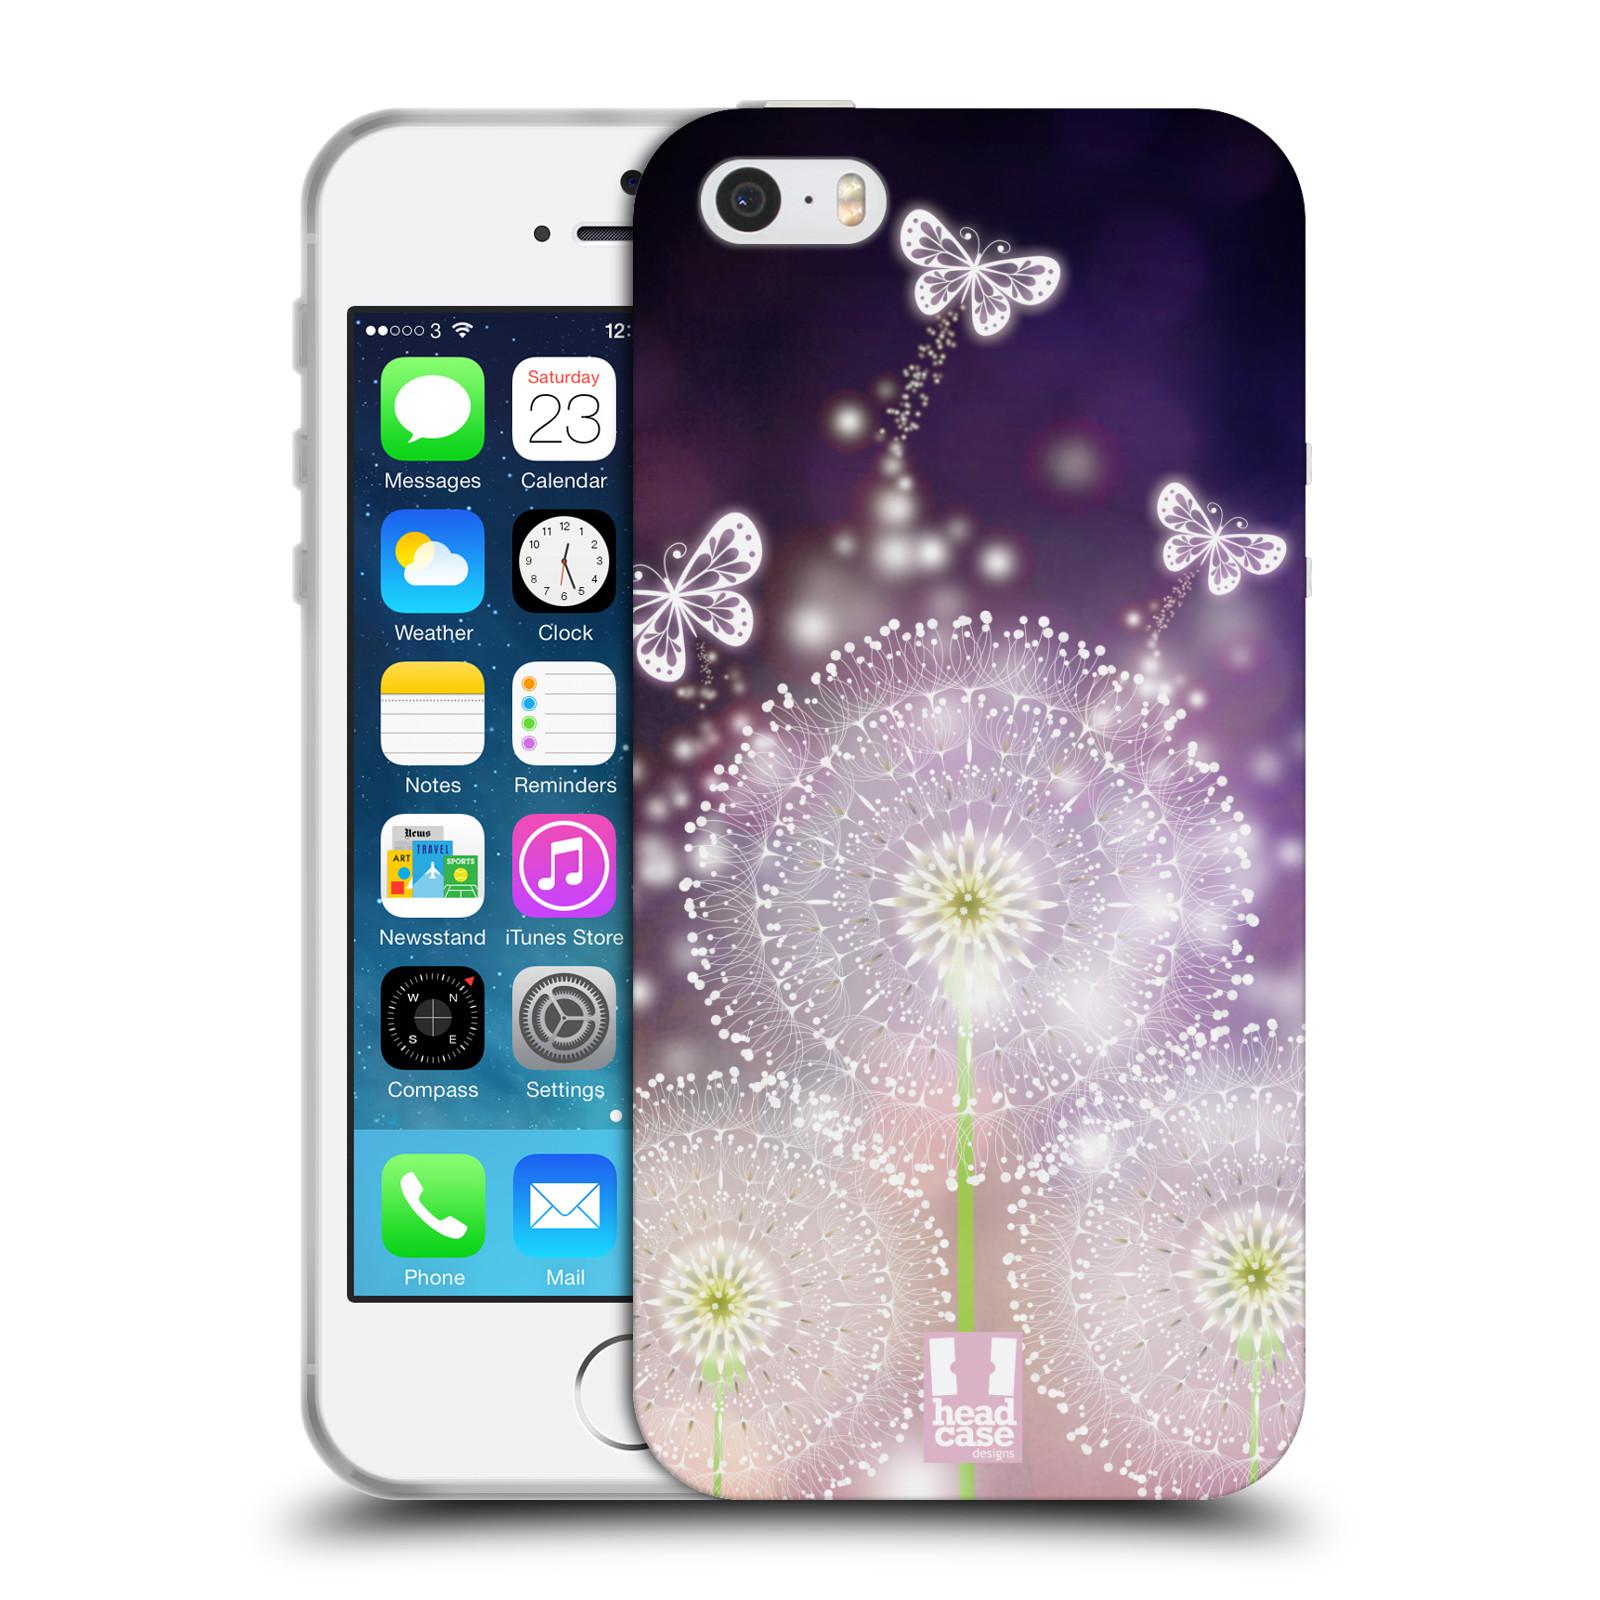 Silikonové pouzdro na mobil Apple iPhone SE, 5 a 5S HEAD CASE Pampelišky a Motýlci (Silikonový kryt či obal na mobilní telefon Apple iPhone SE, 5 a 5S)